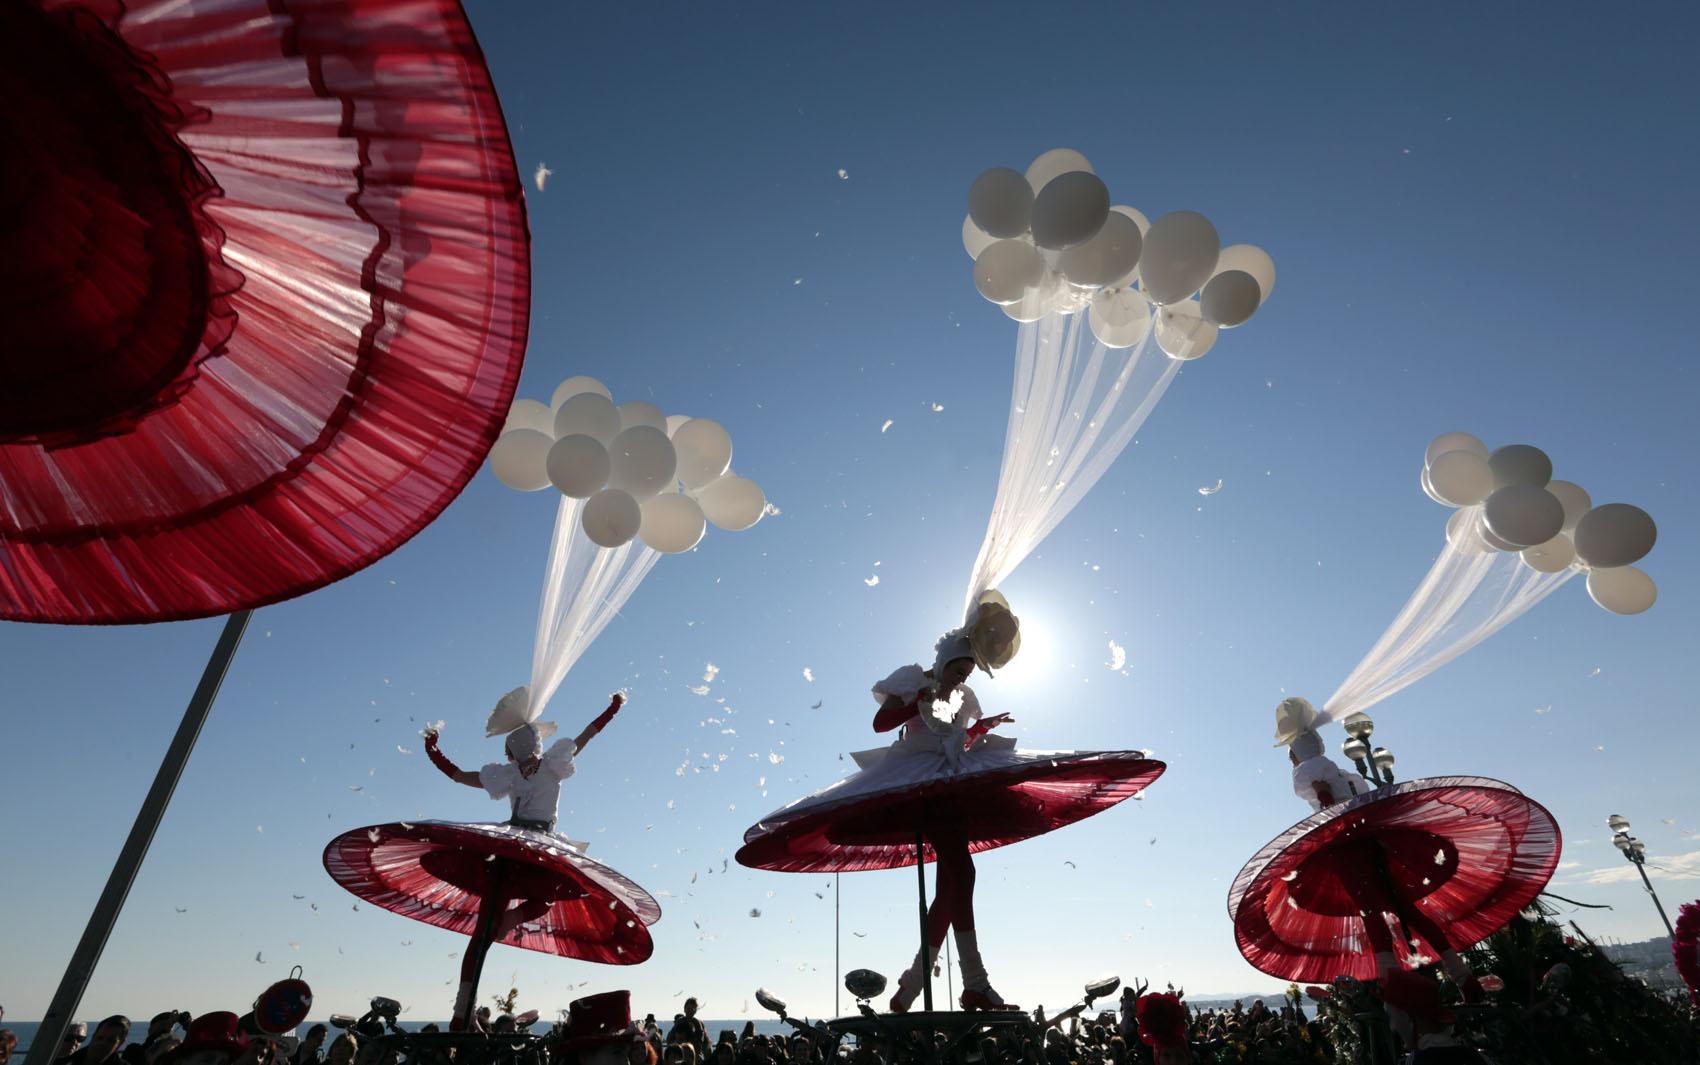 Artistas se apresentam durante o desfile de Carnaval em Nice, no litoral sul da França